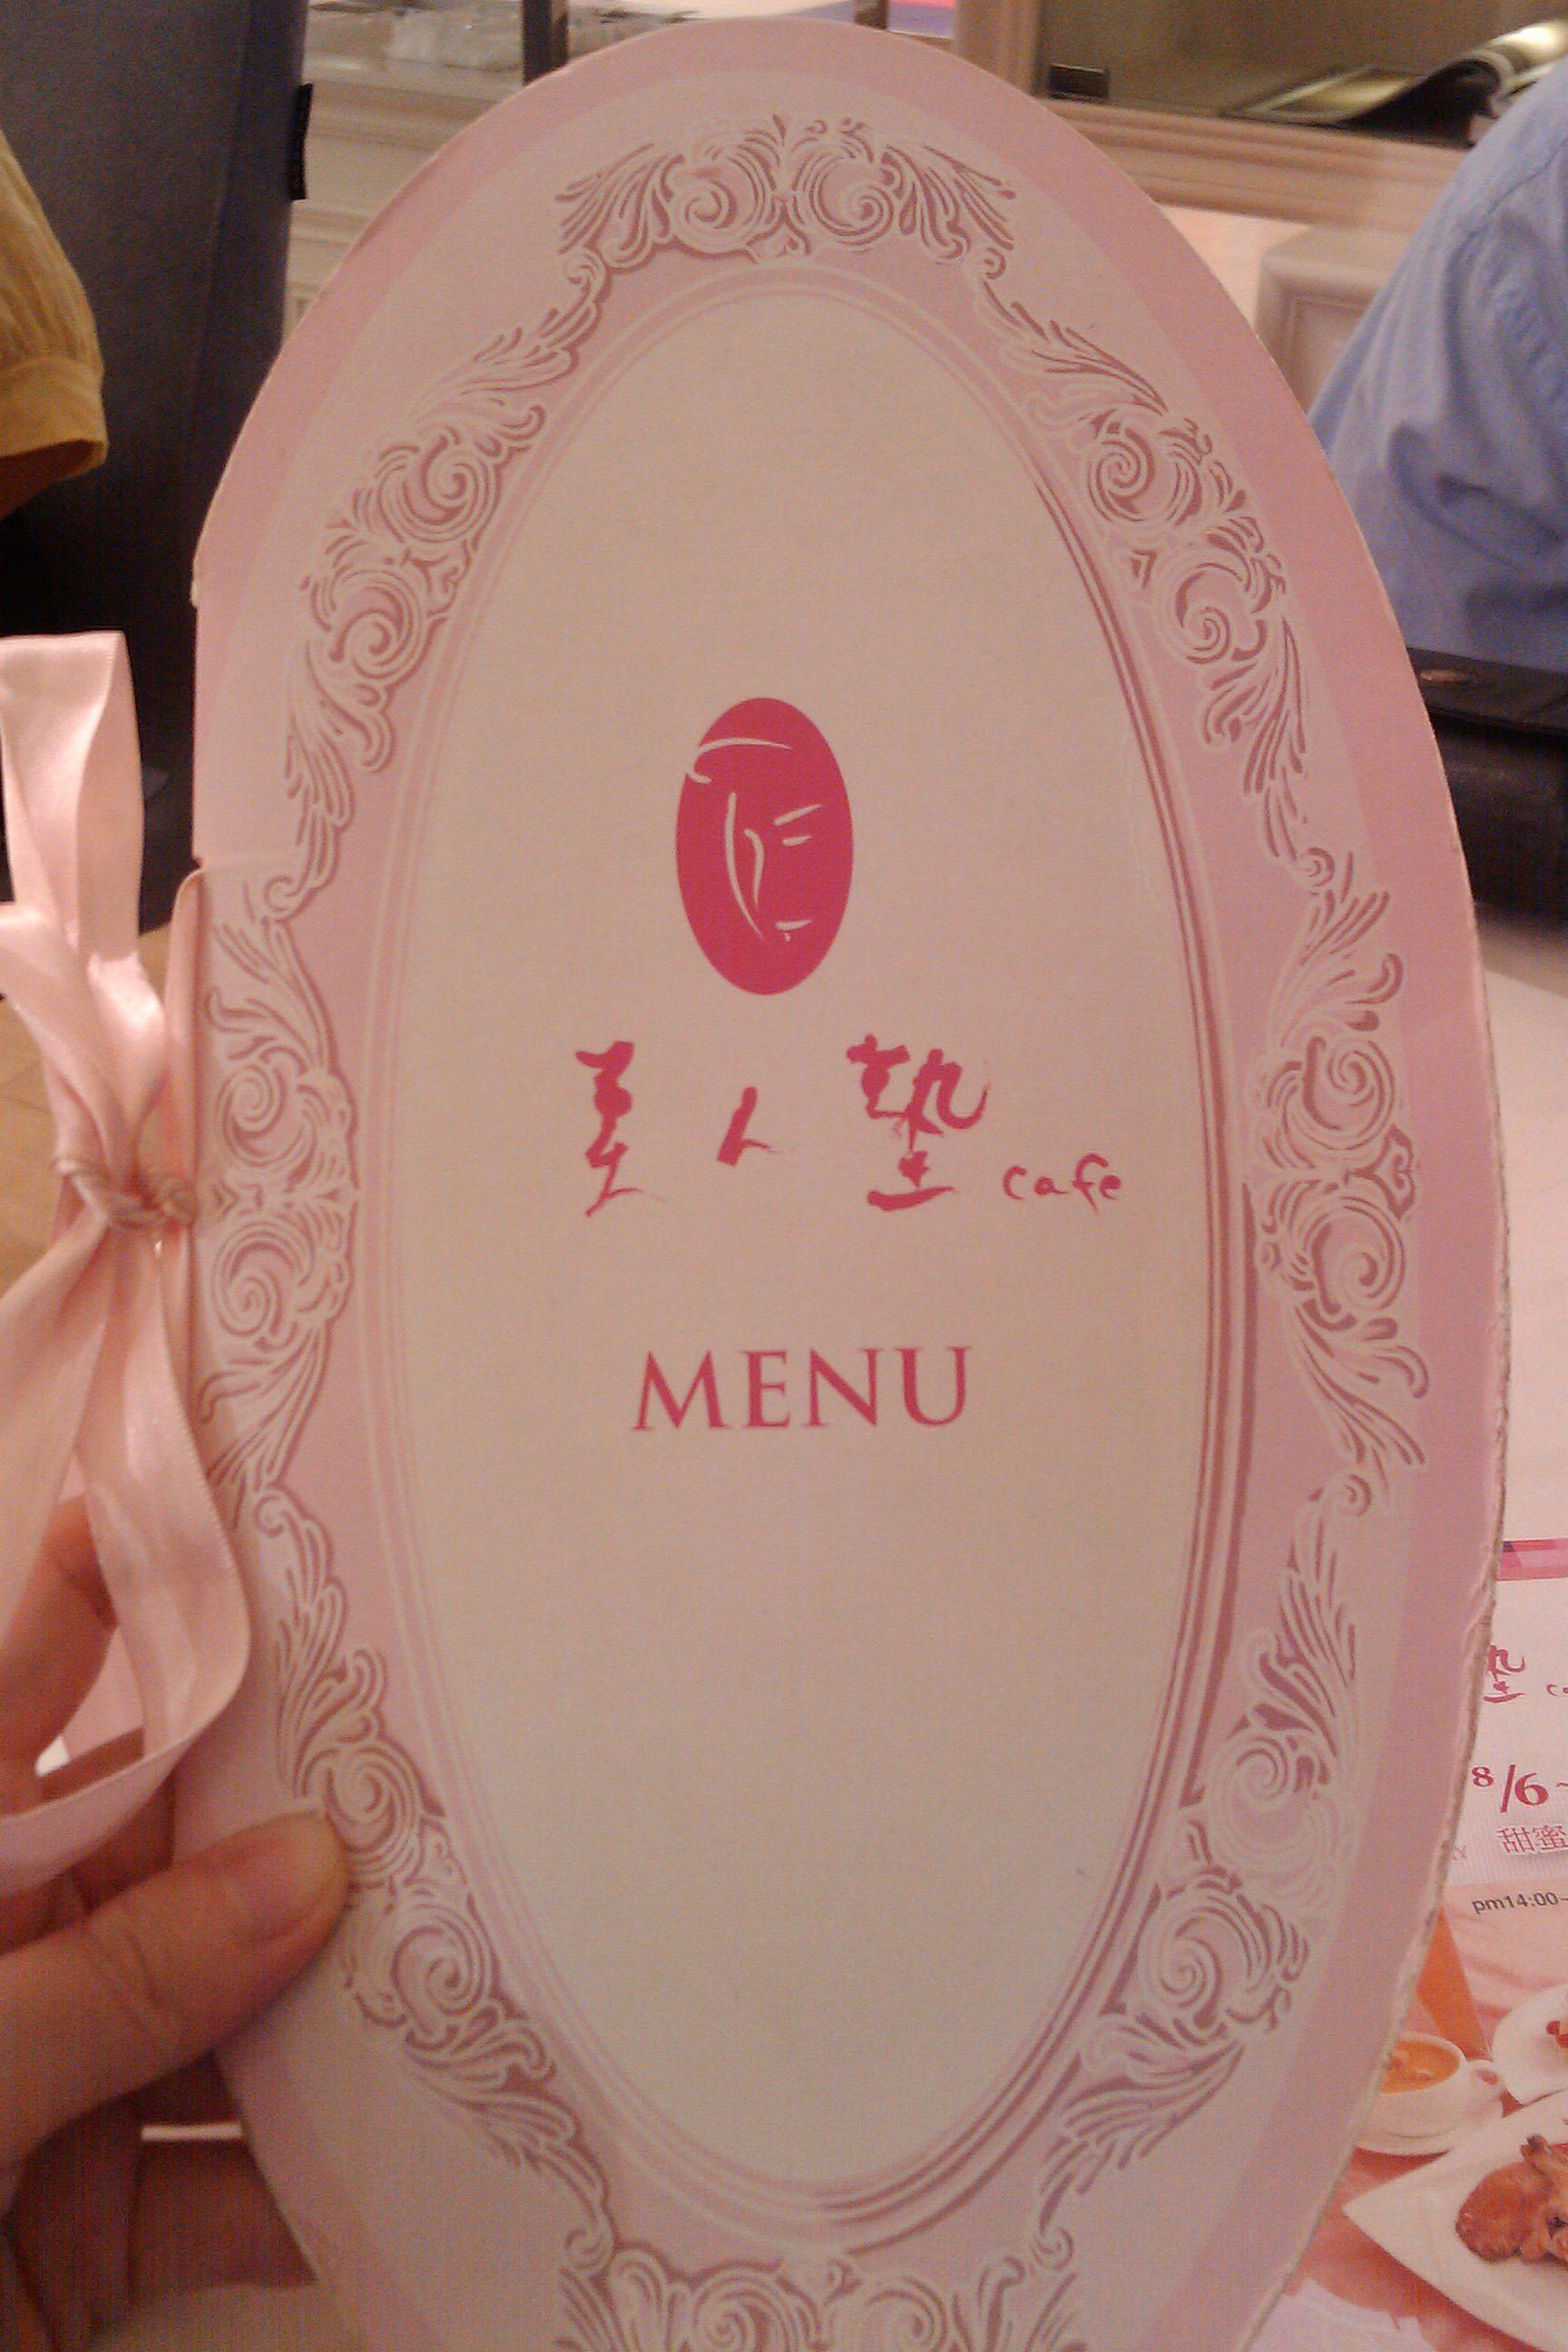 正統 menu